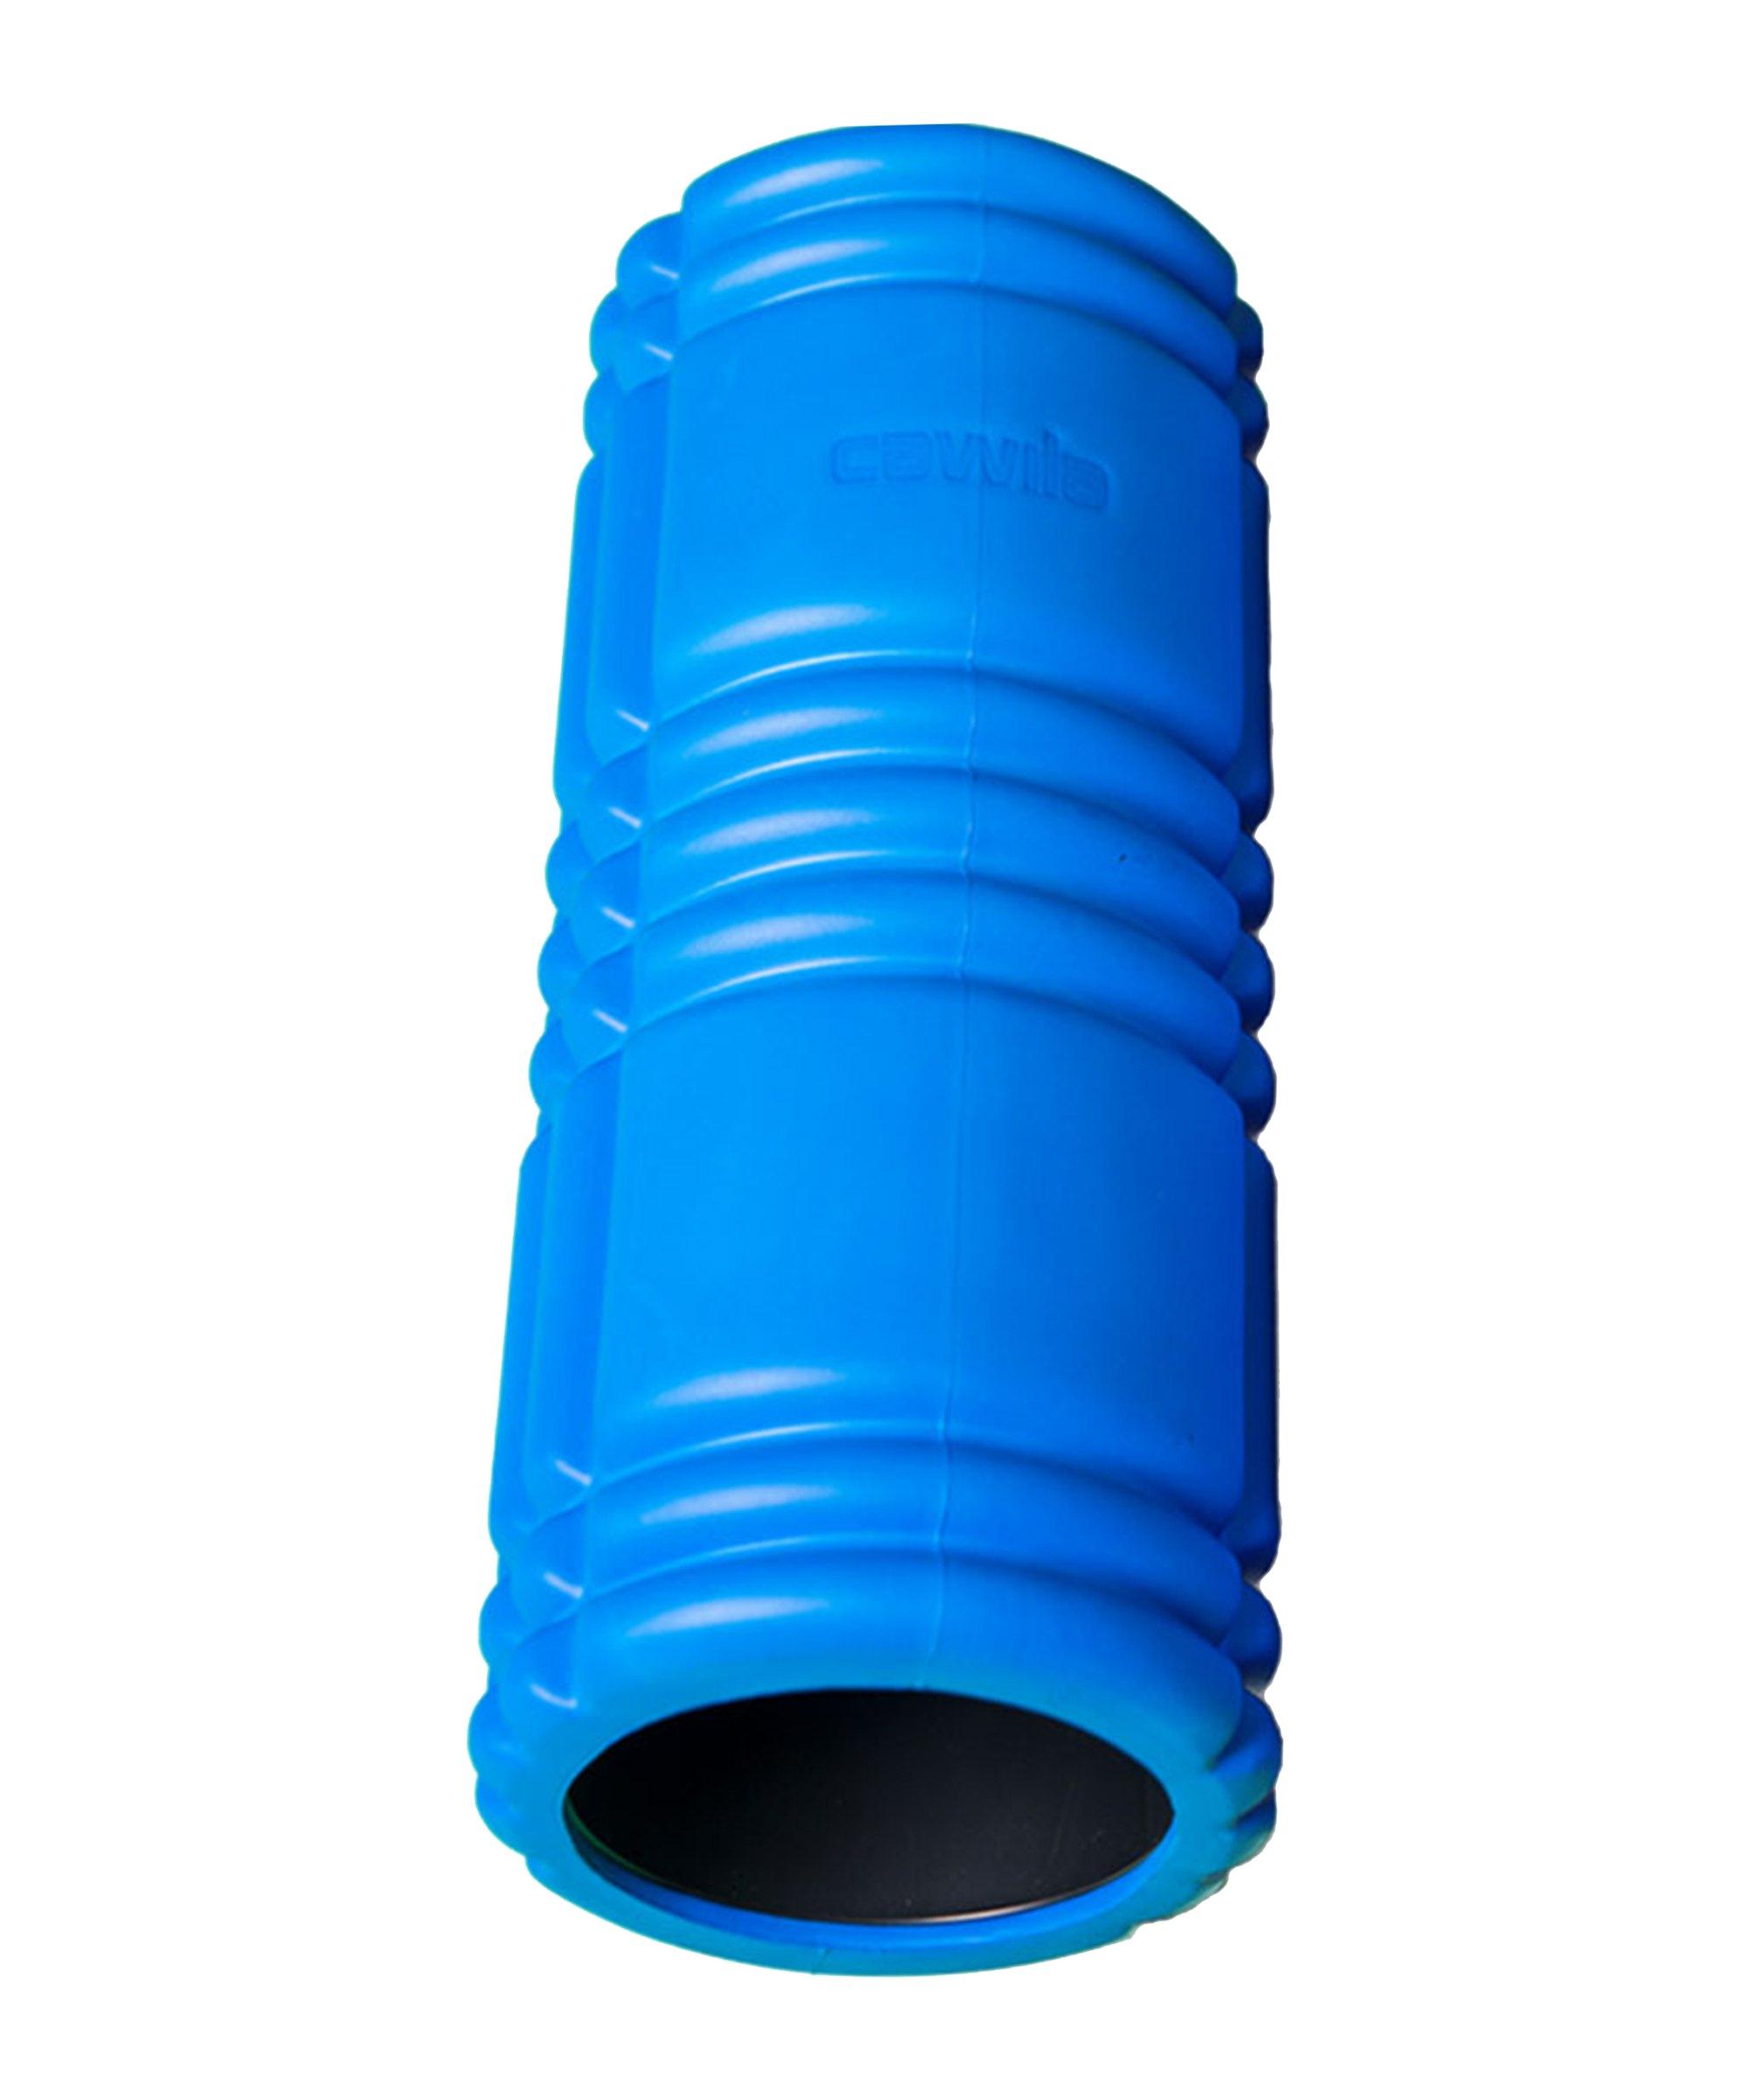 Cawila Faszienrolle Blau - blau